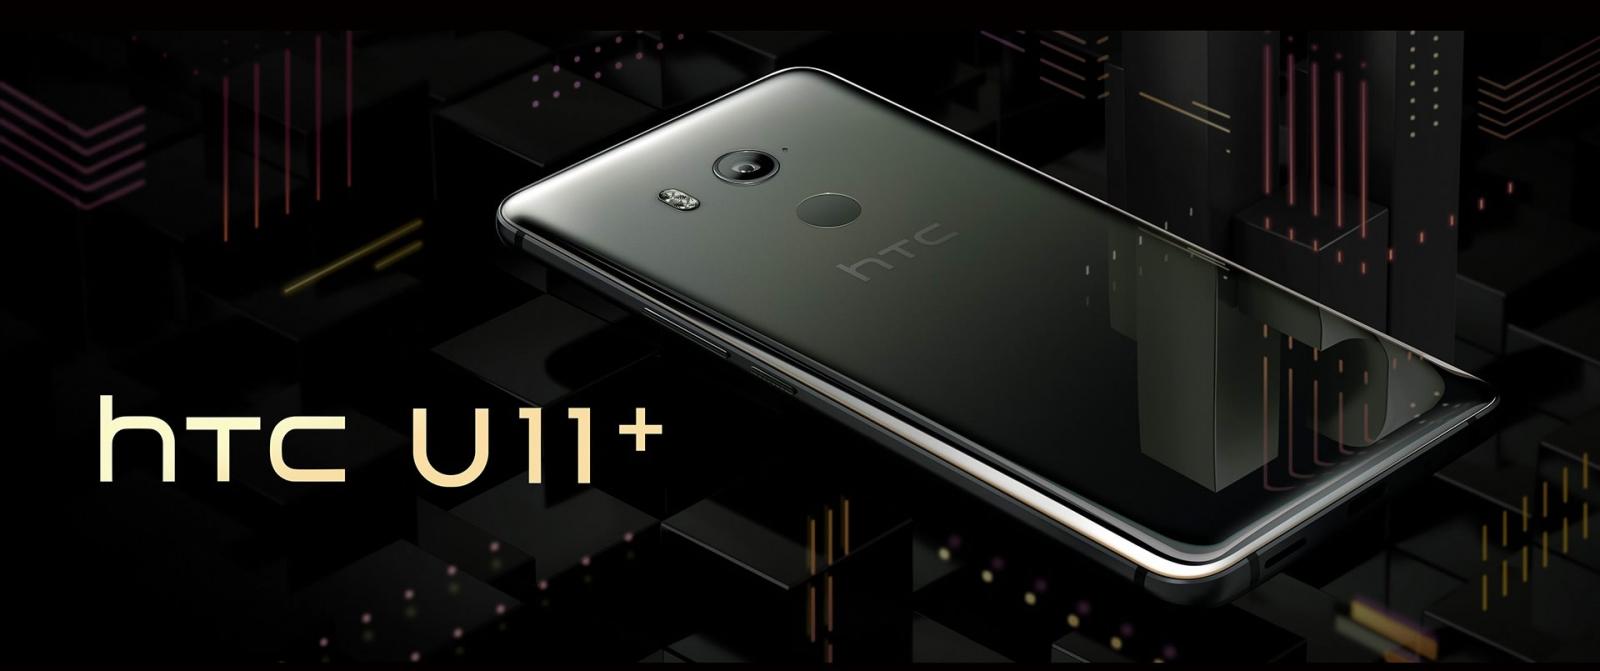 HTC U11+ 64G